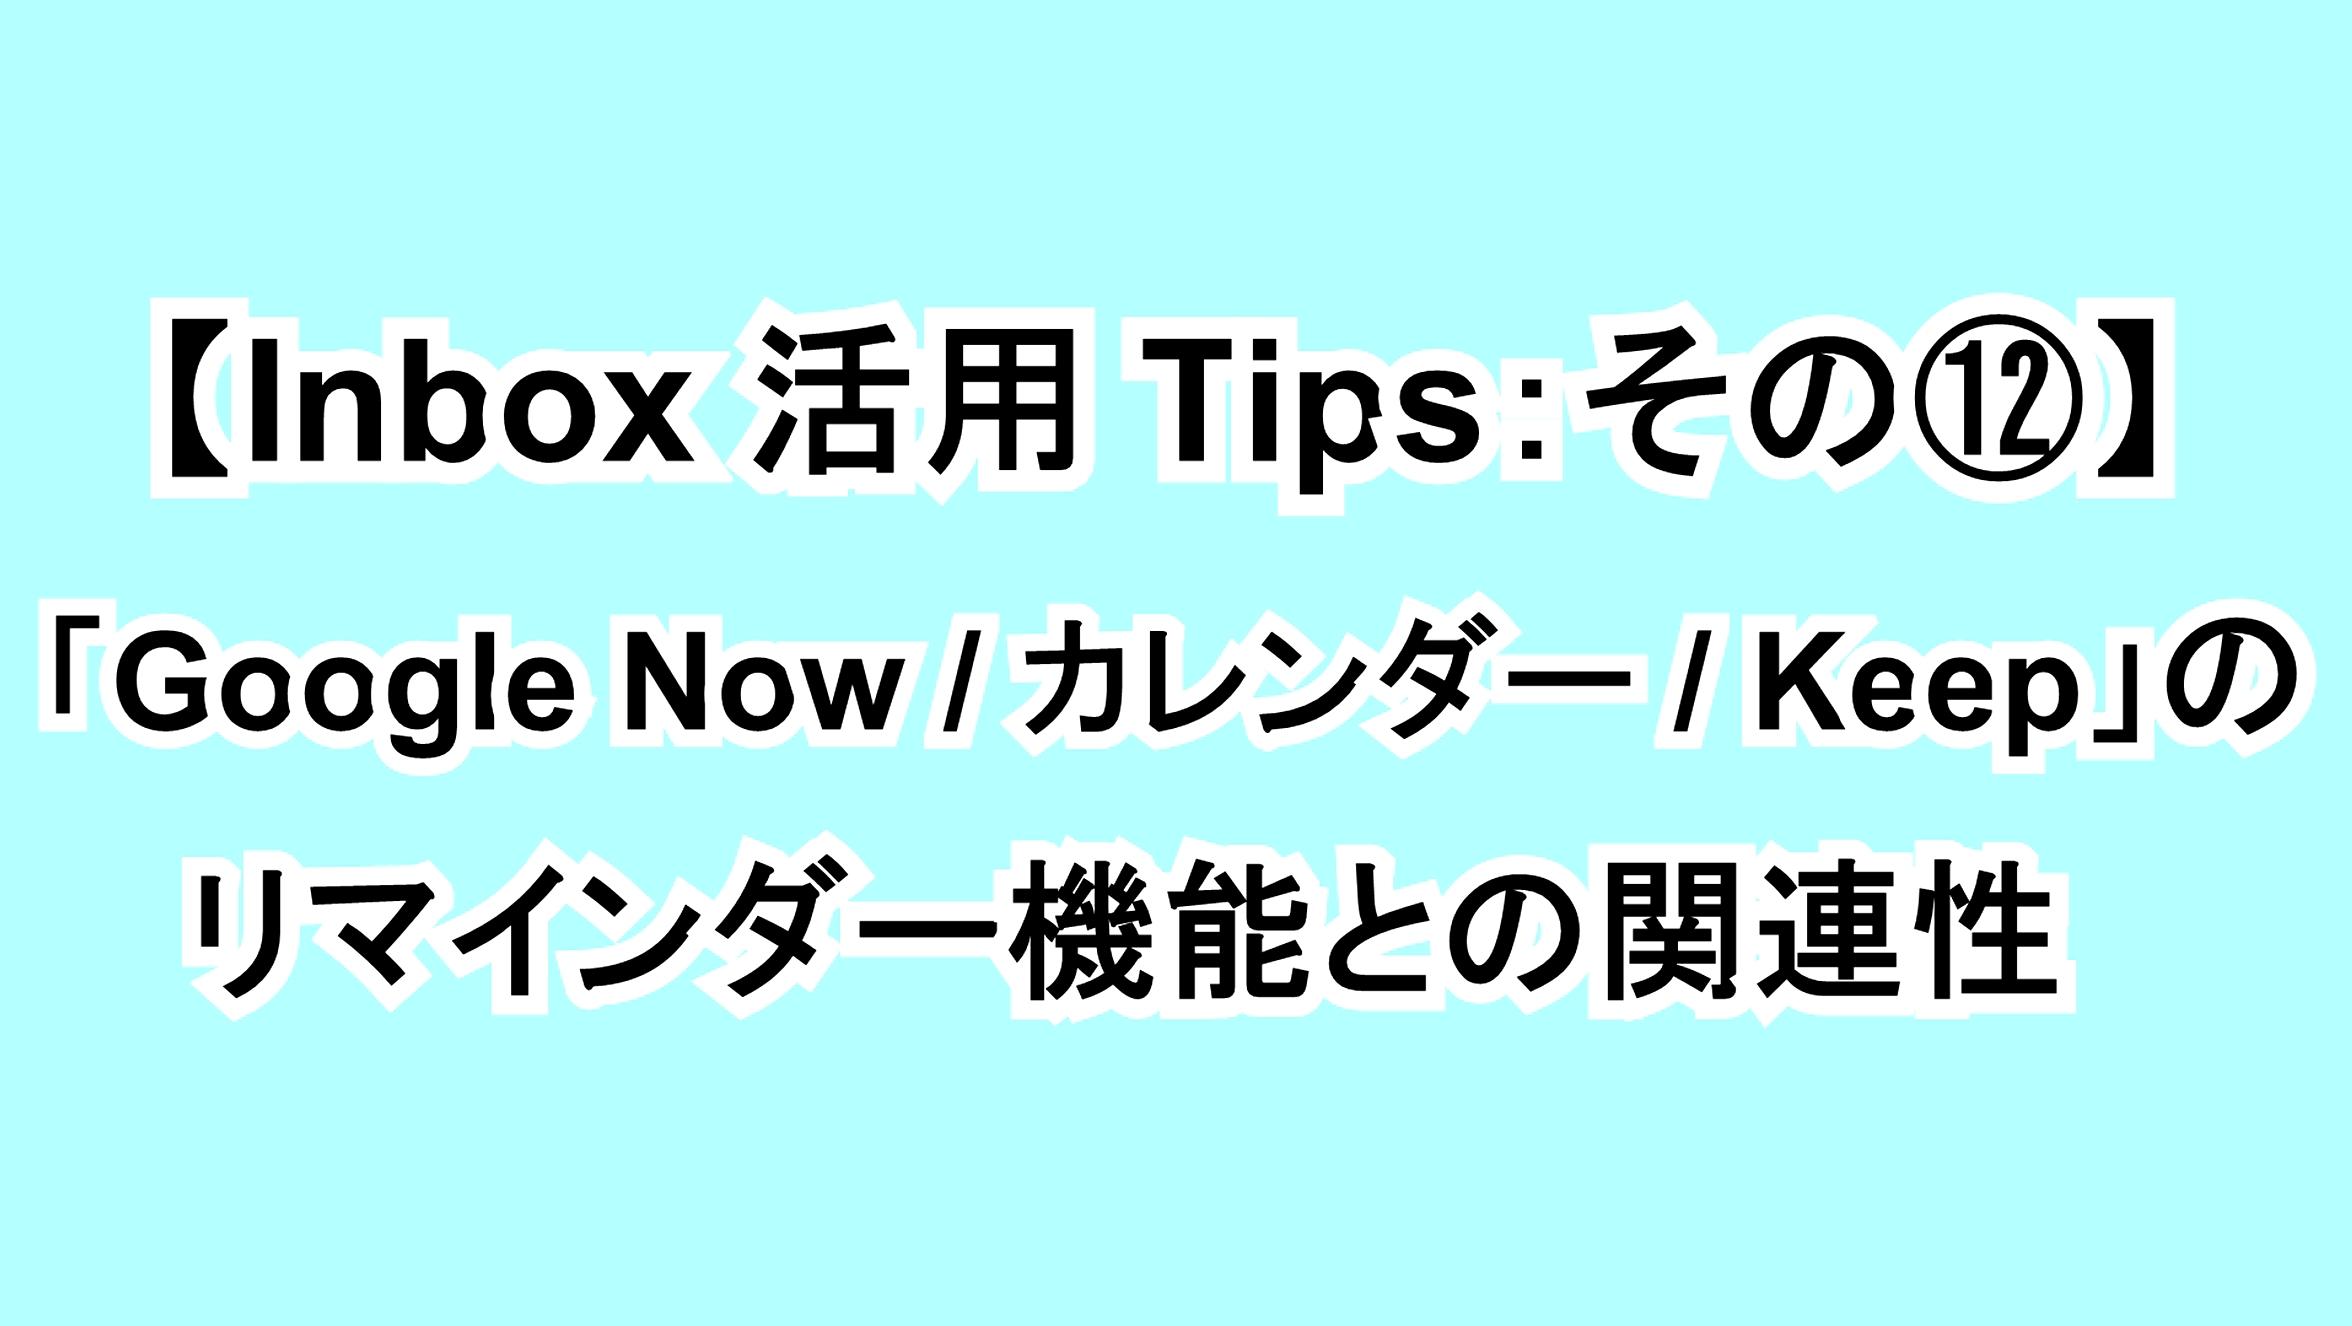 【Inbox活用Tips:その⑫】「Google Now/カレンダー/Keep」のリマインダー機能との関連性